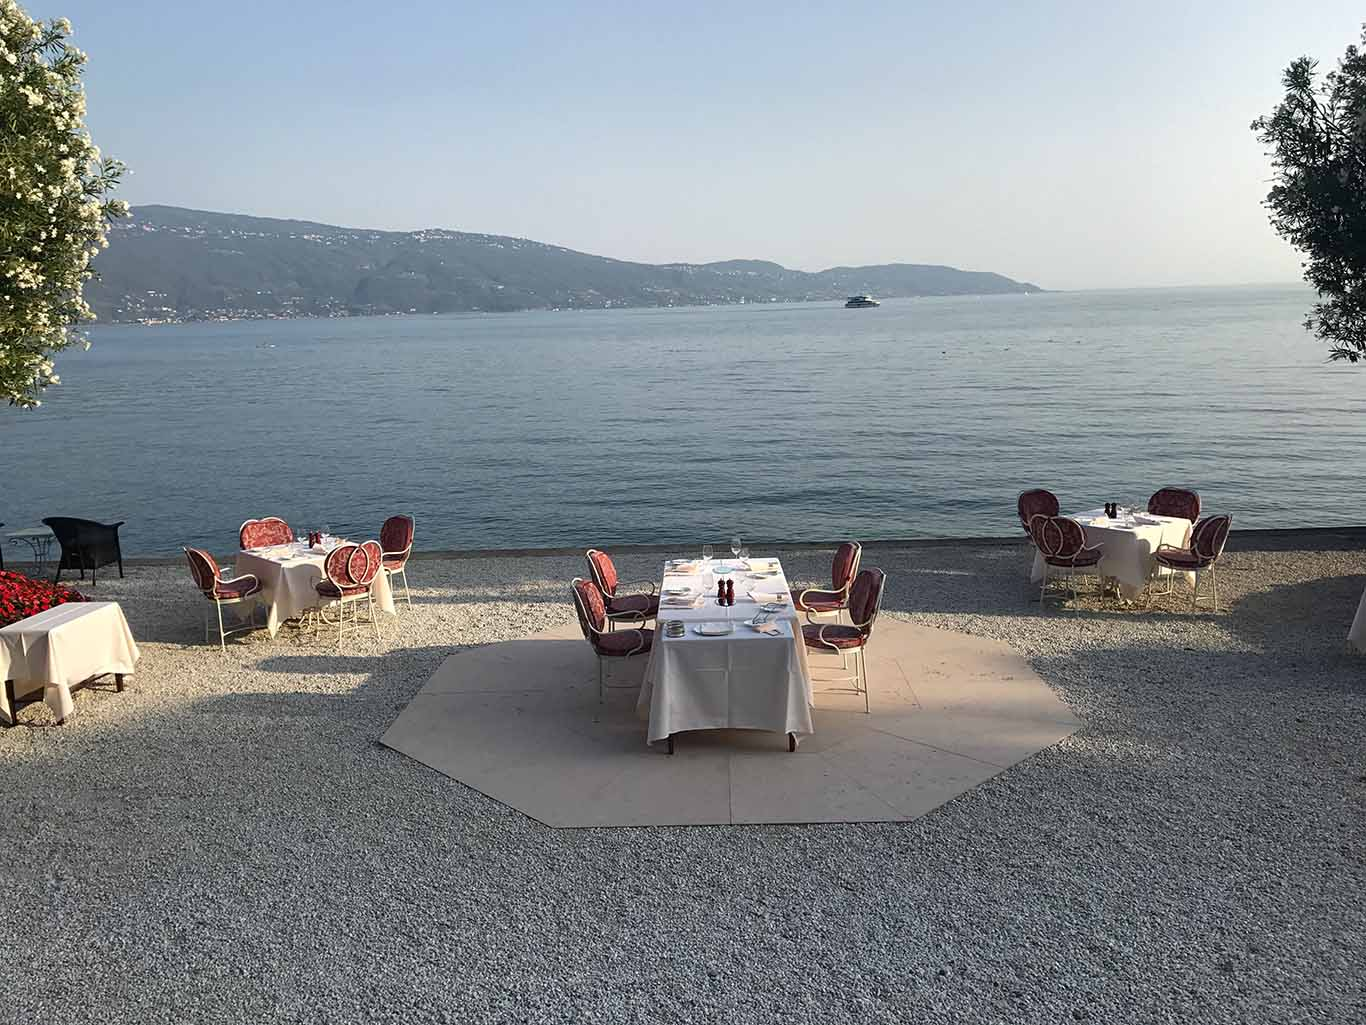 Dinner at Villa Feltrinelli Lake Garda Italy